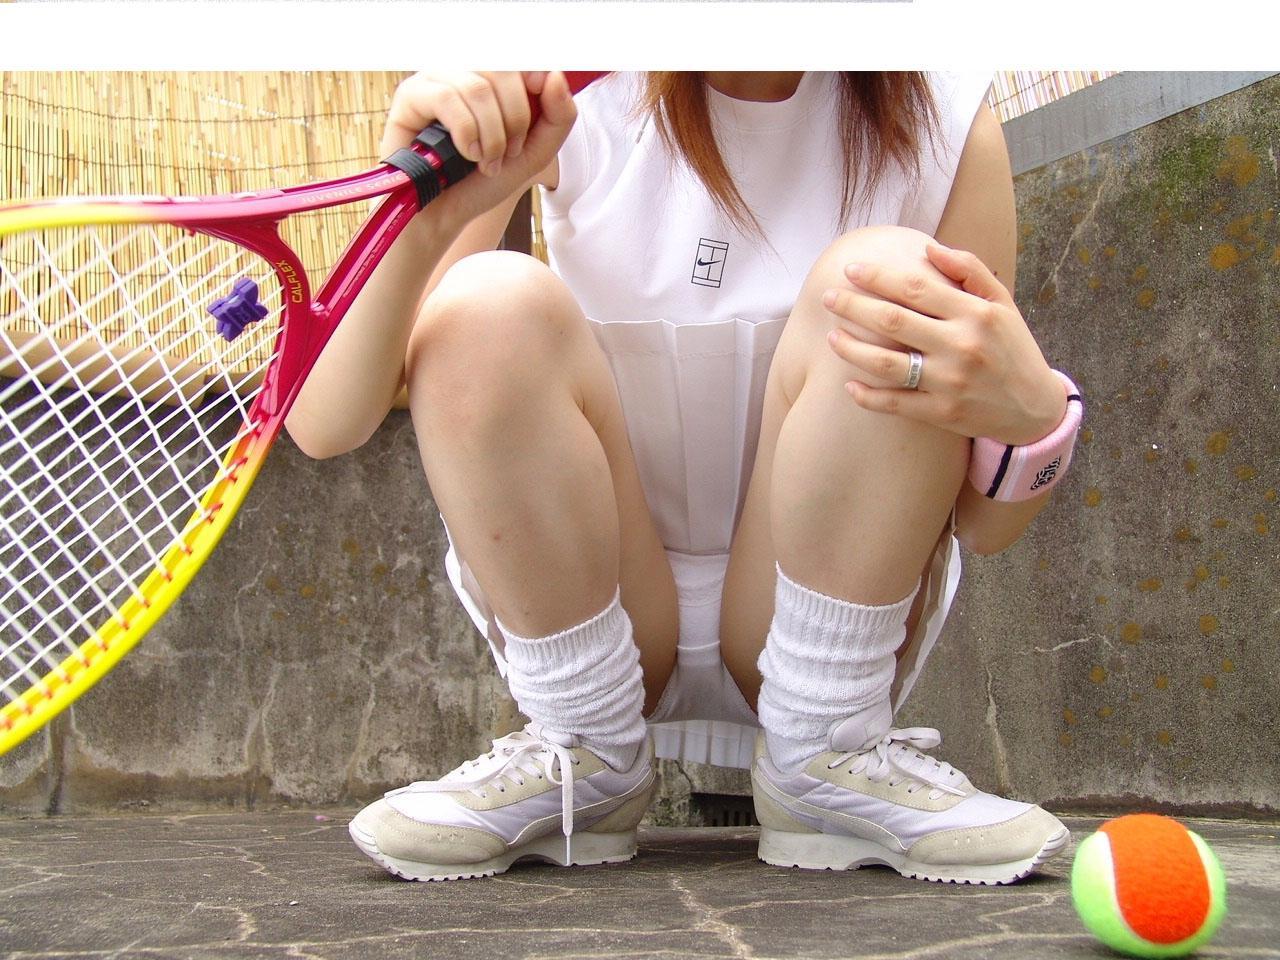 【朗報】スポーツ女子のハプニングってコレだよなwwwwwwwwww(画像あり)・22枚目